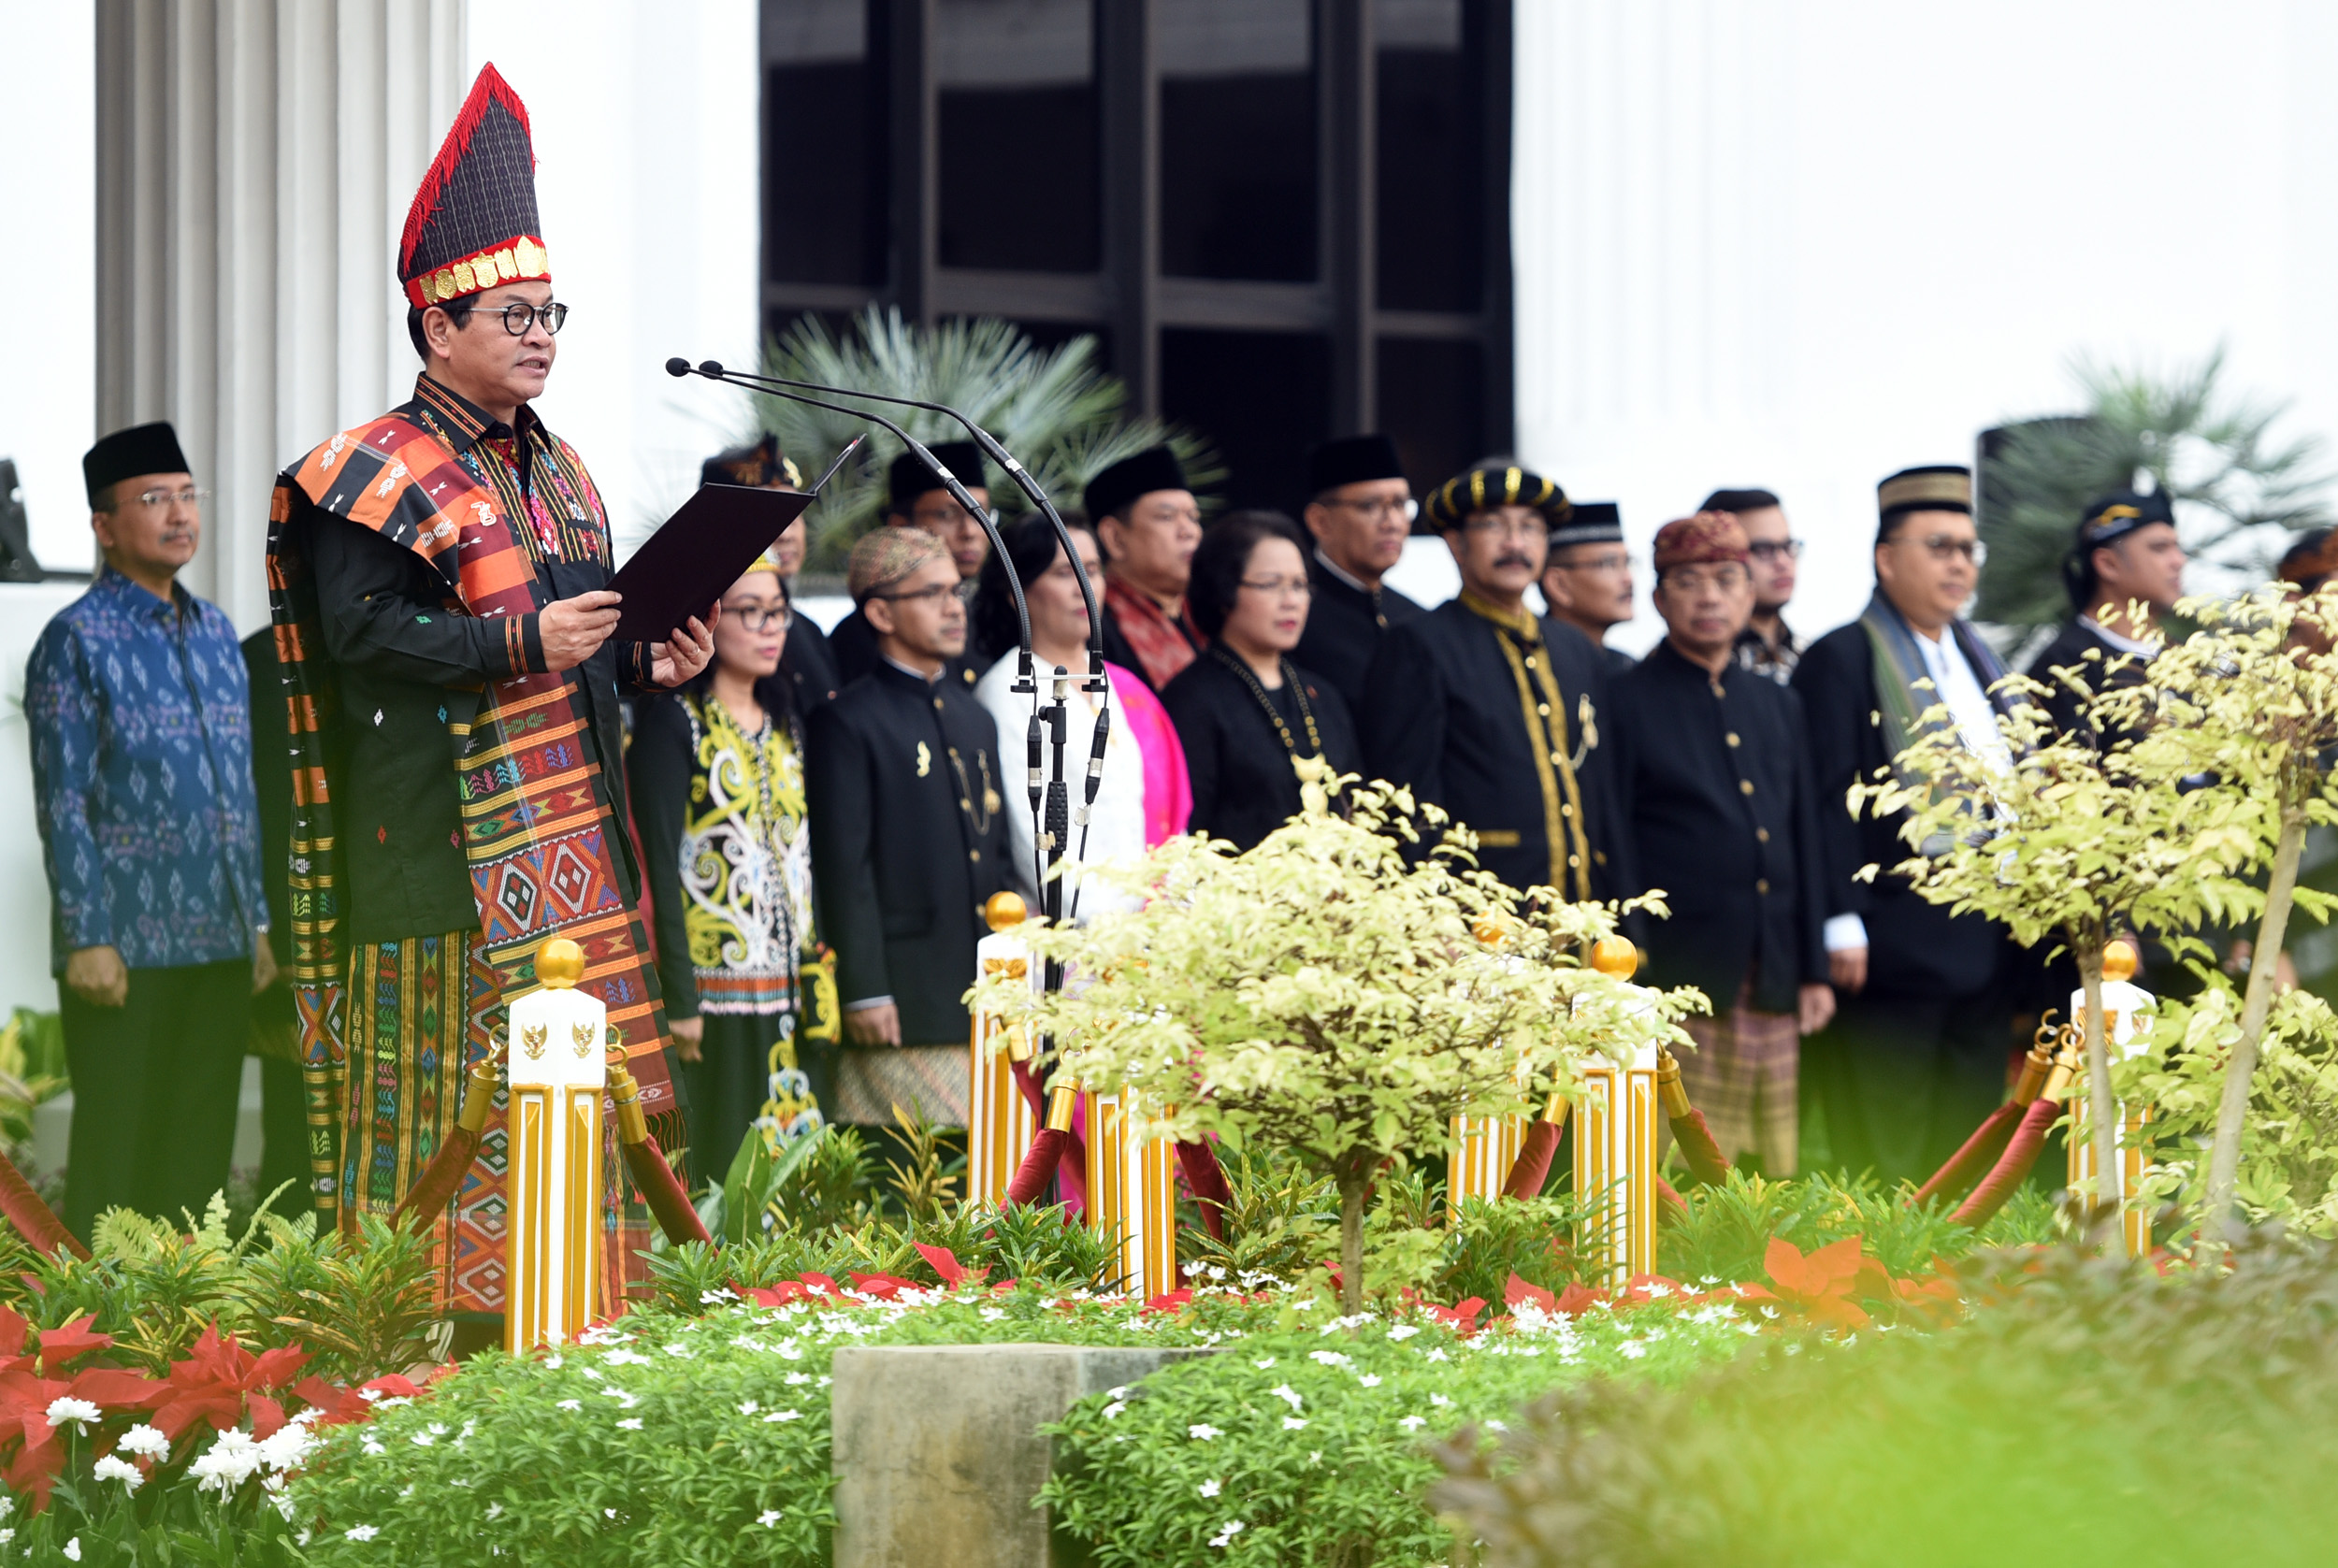 Sekretariat Kabinet Republik Indonesia Inilah Perpres No 71 2018 Tentang Tata Pakaian Pada Acara Kenegaraan Dan Acara Resmi Sekretariat Kabinet Republik Indonesia